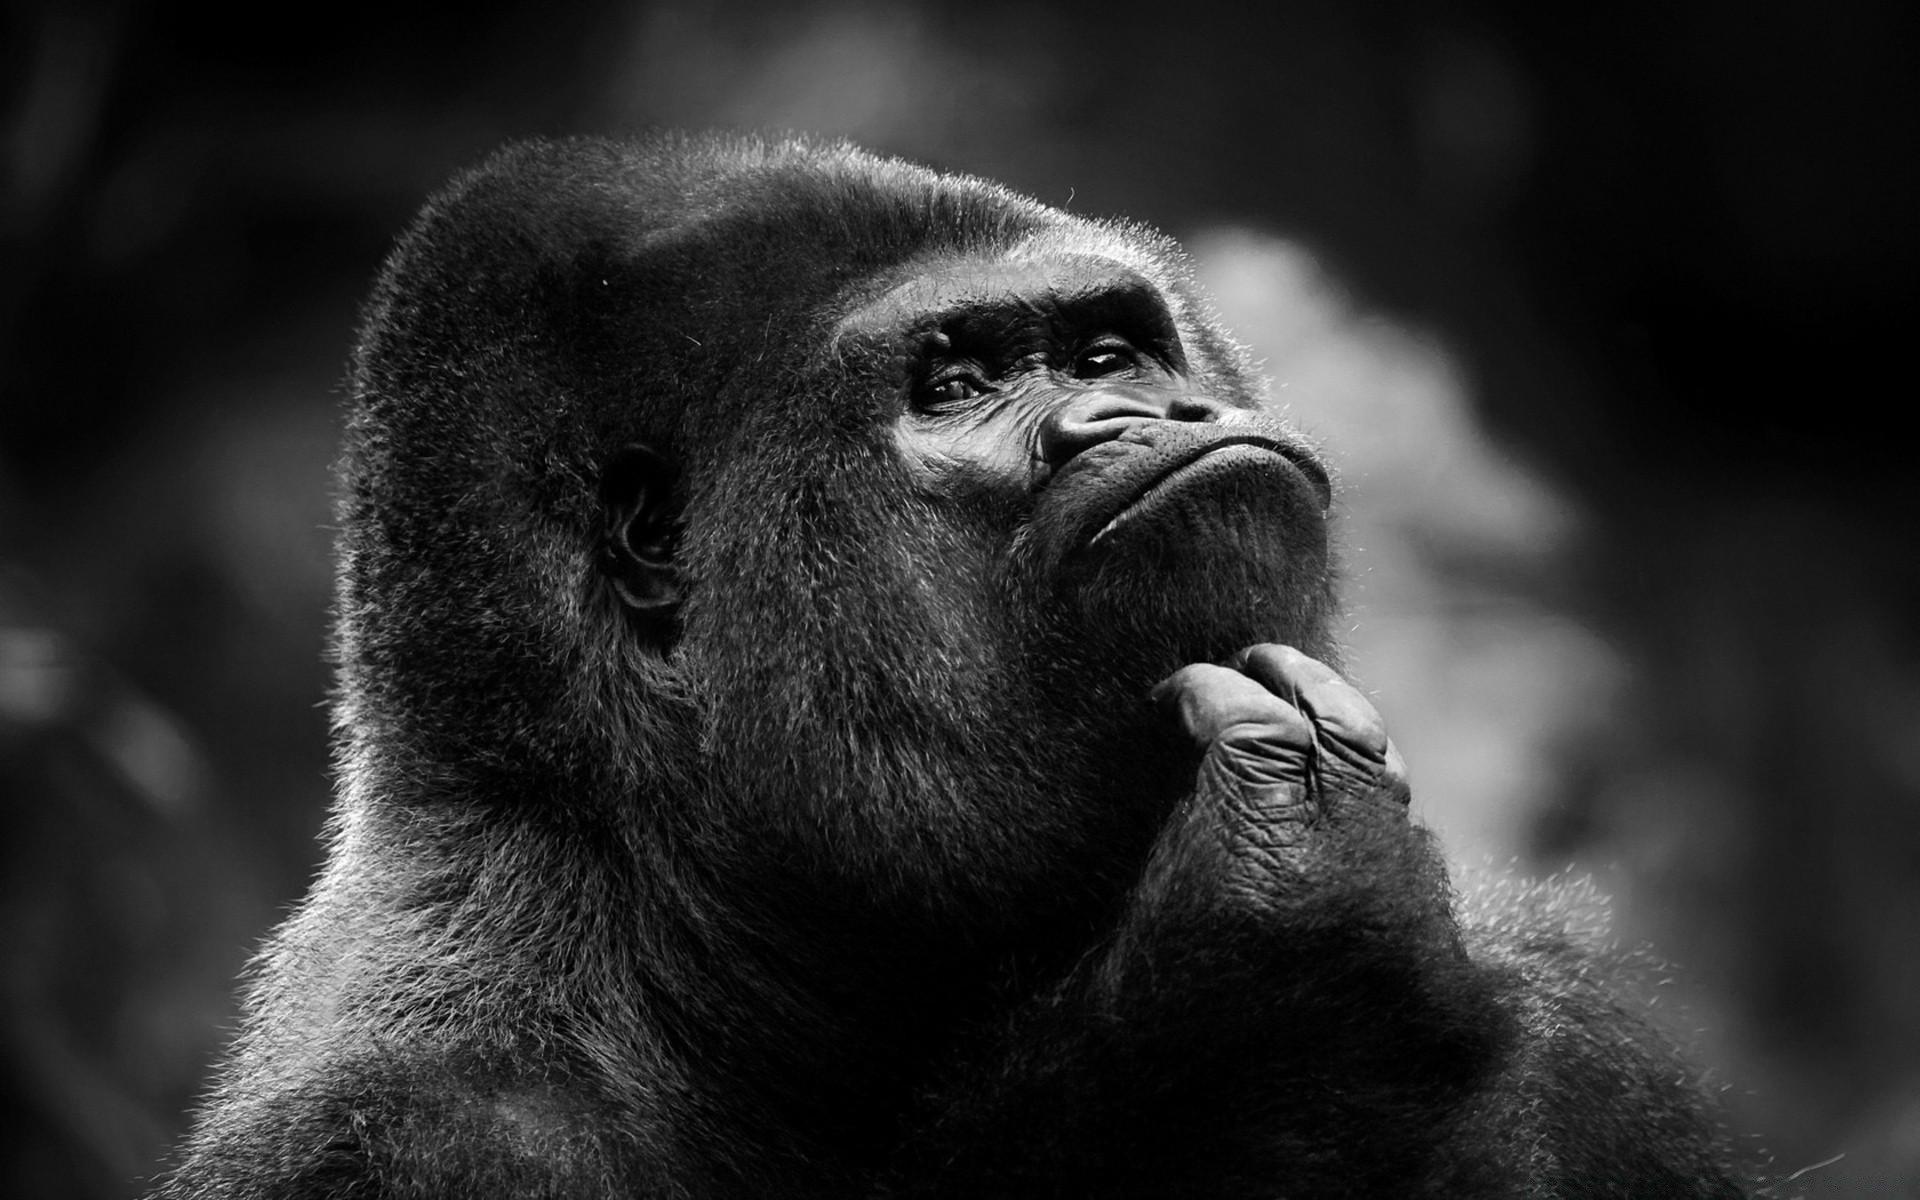 Прикольные черно белые картинки животные для, квартирами